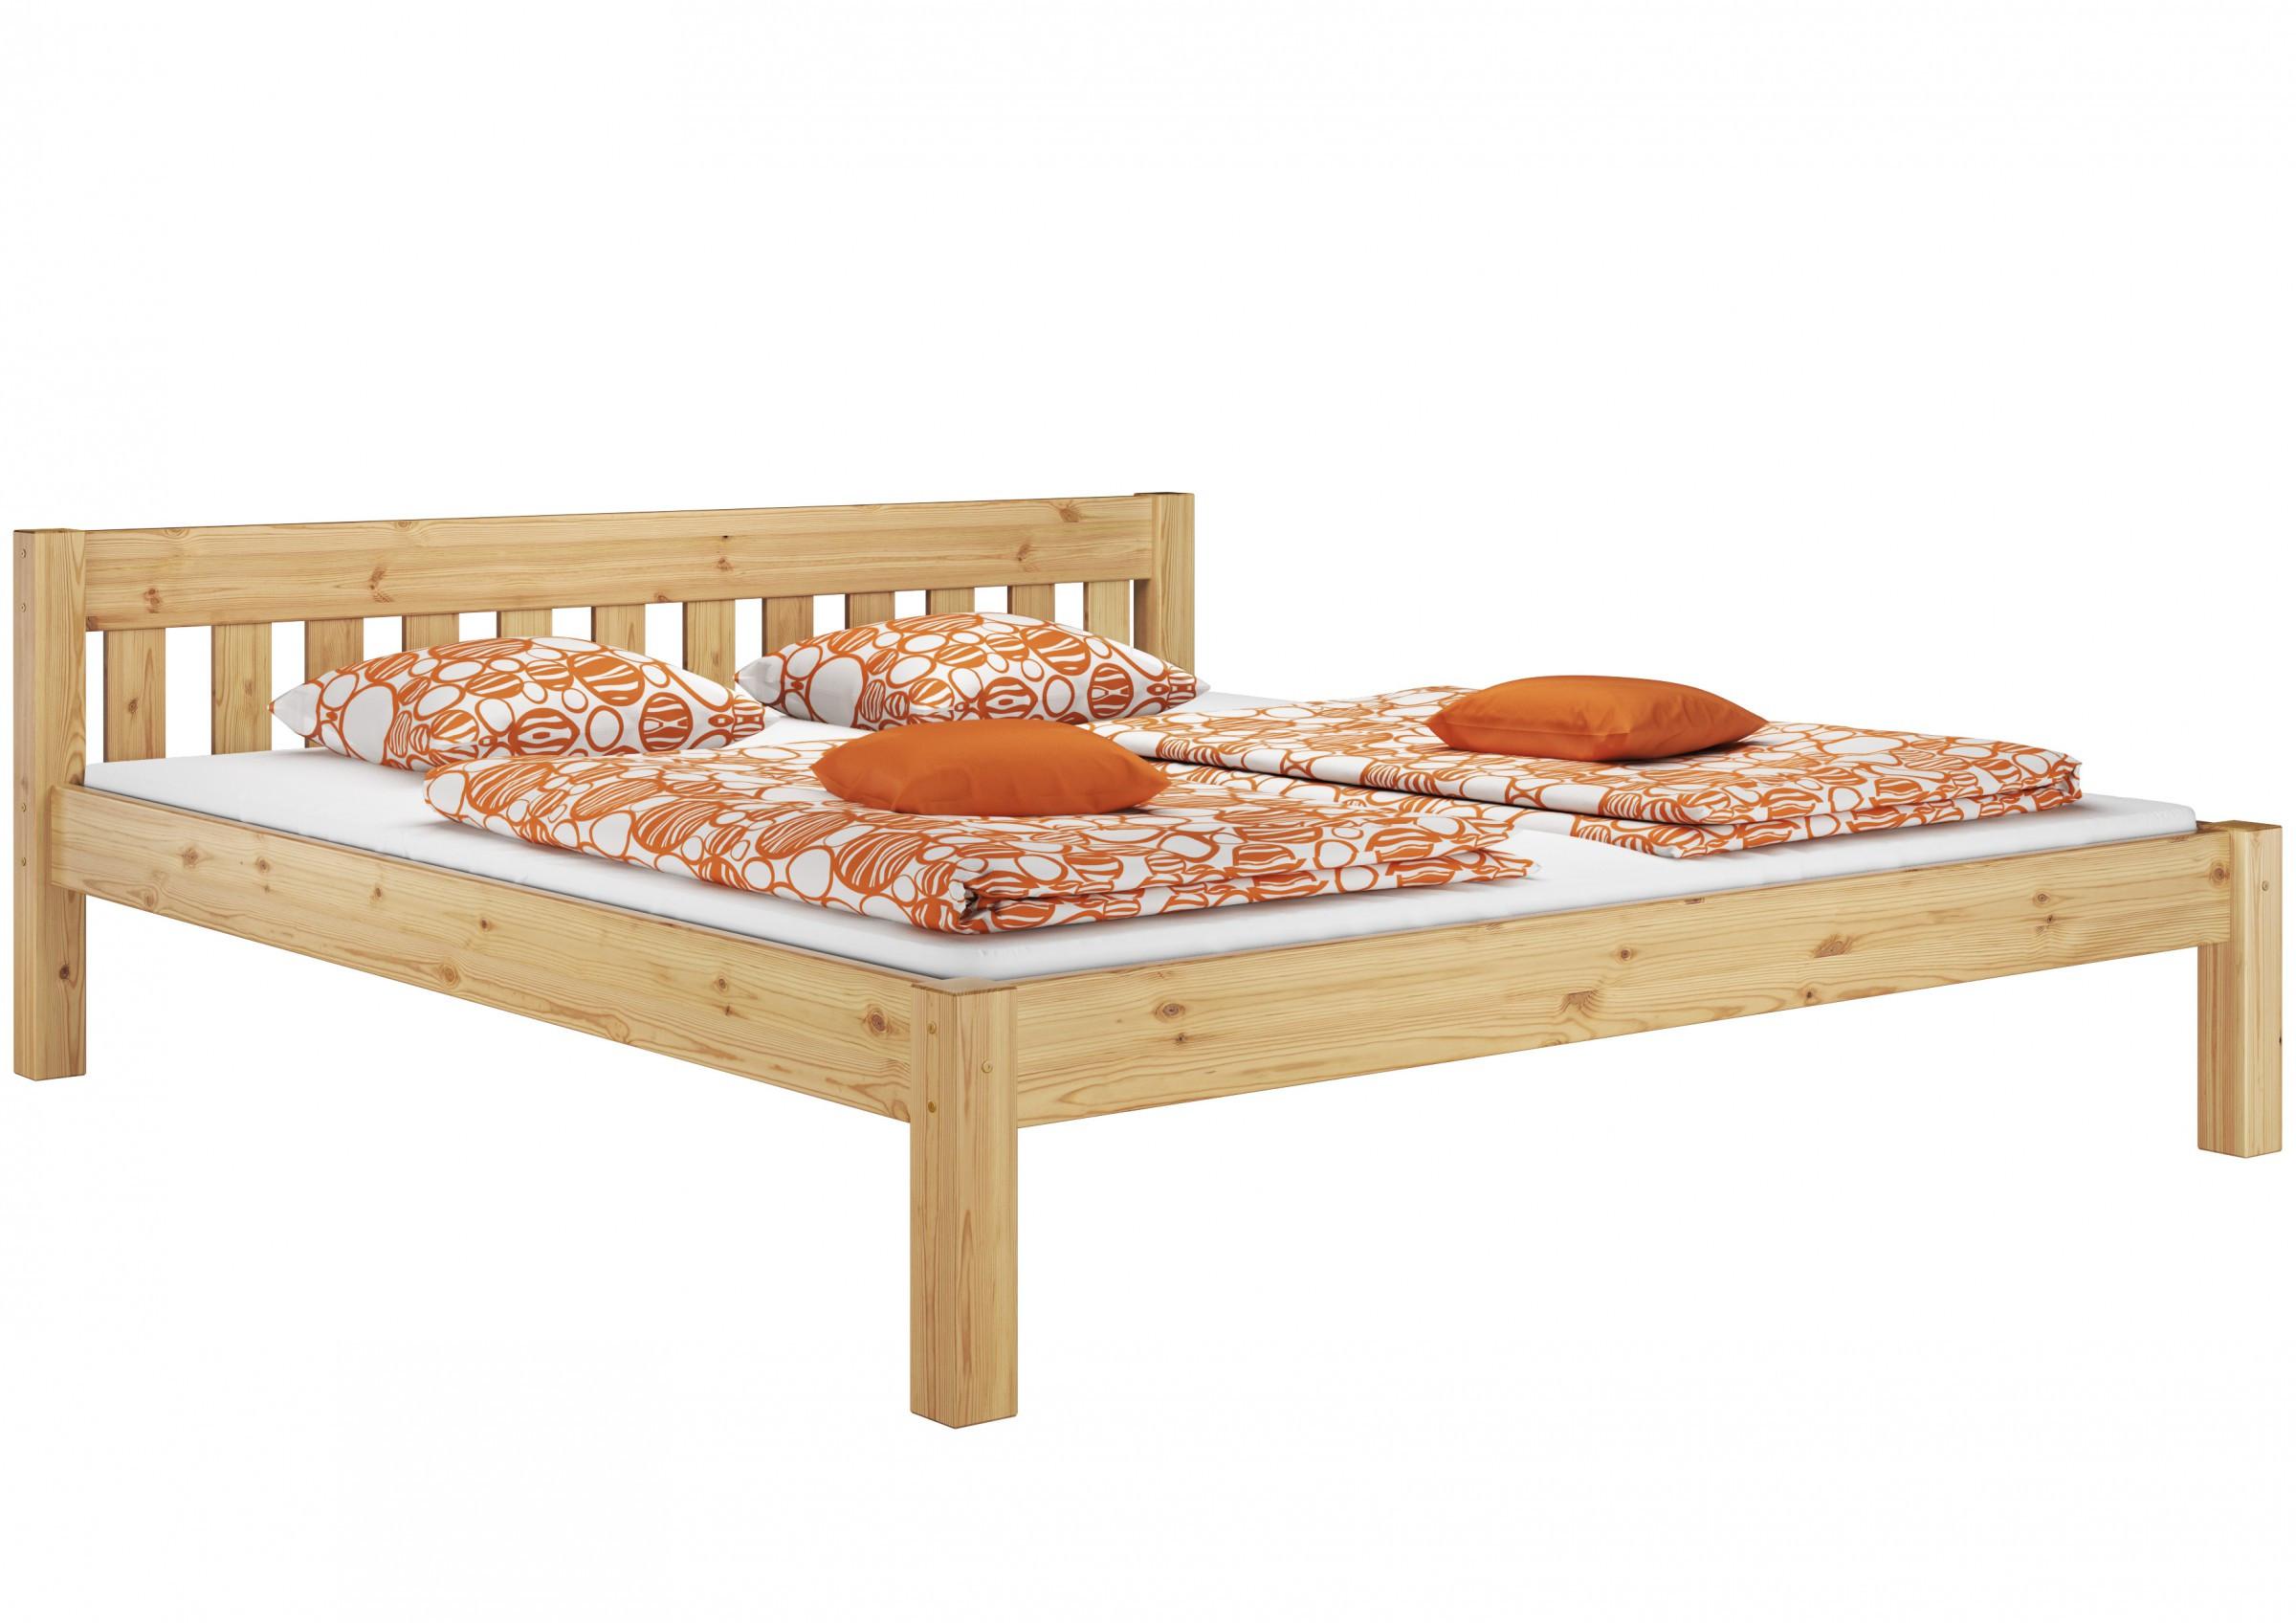 Full Size of Stabiles Bett 37 Hk 180x200 Fhrung 90x200 Weiß Möbel Boss Betten Bette Floor 160x200 Meise Jabo Schwarz Schwebendes Mit Bettkasten 120x200 Japanisches Bett Stabiles Bett